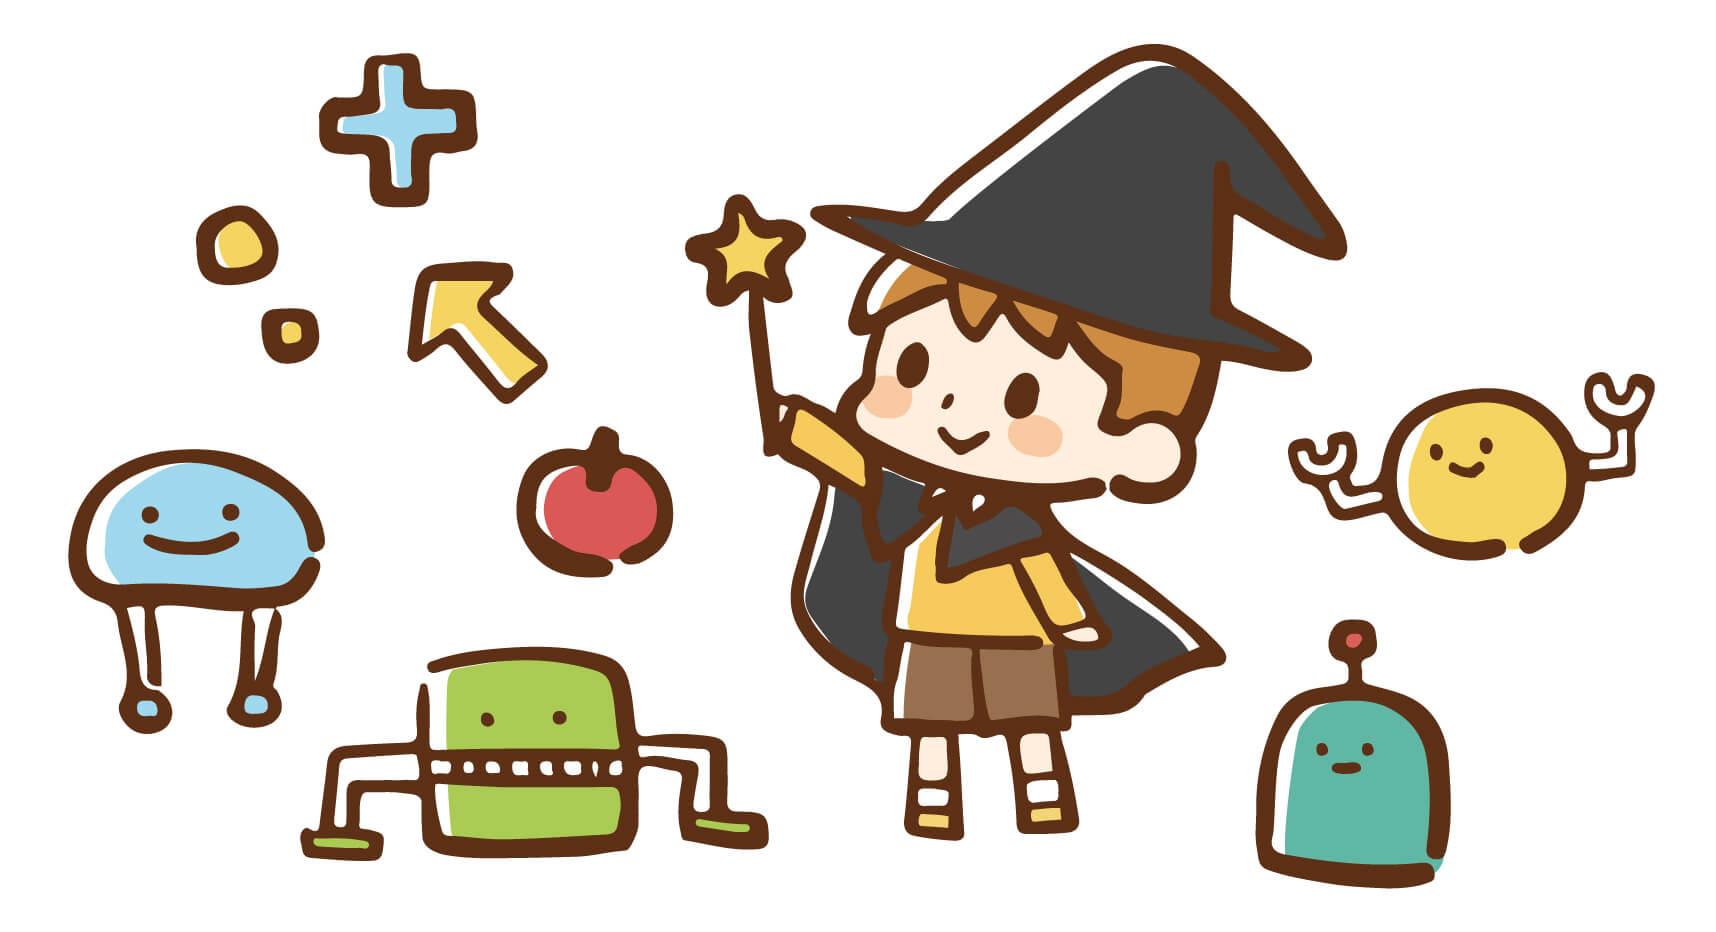 静岡市清水区そろばんkids そろばんは魔法のような暗算力をつけます